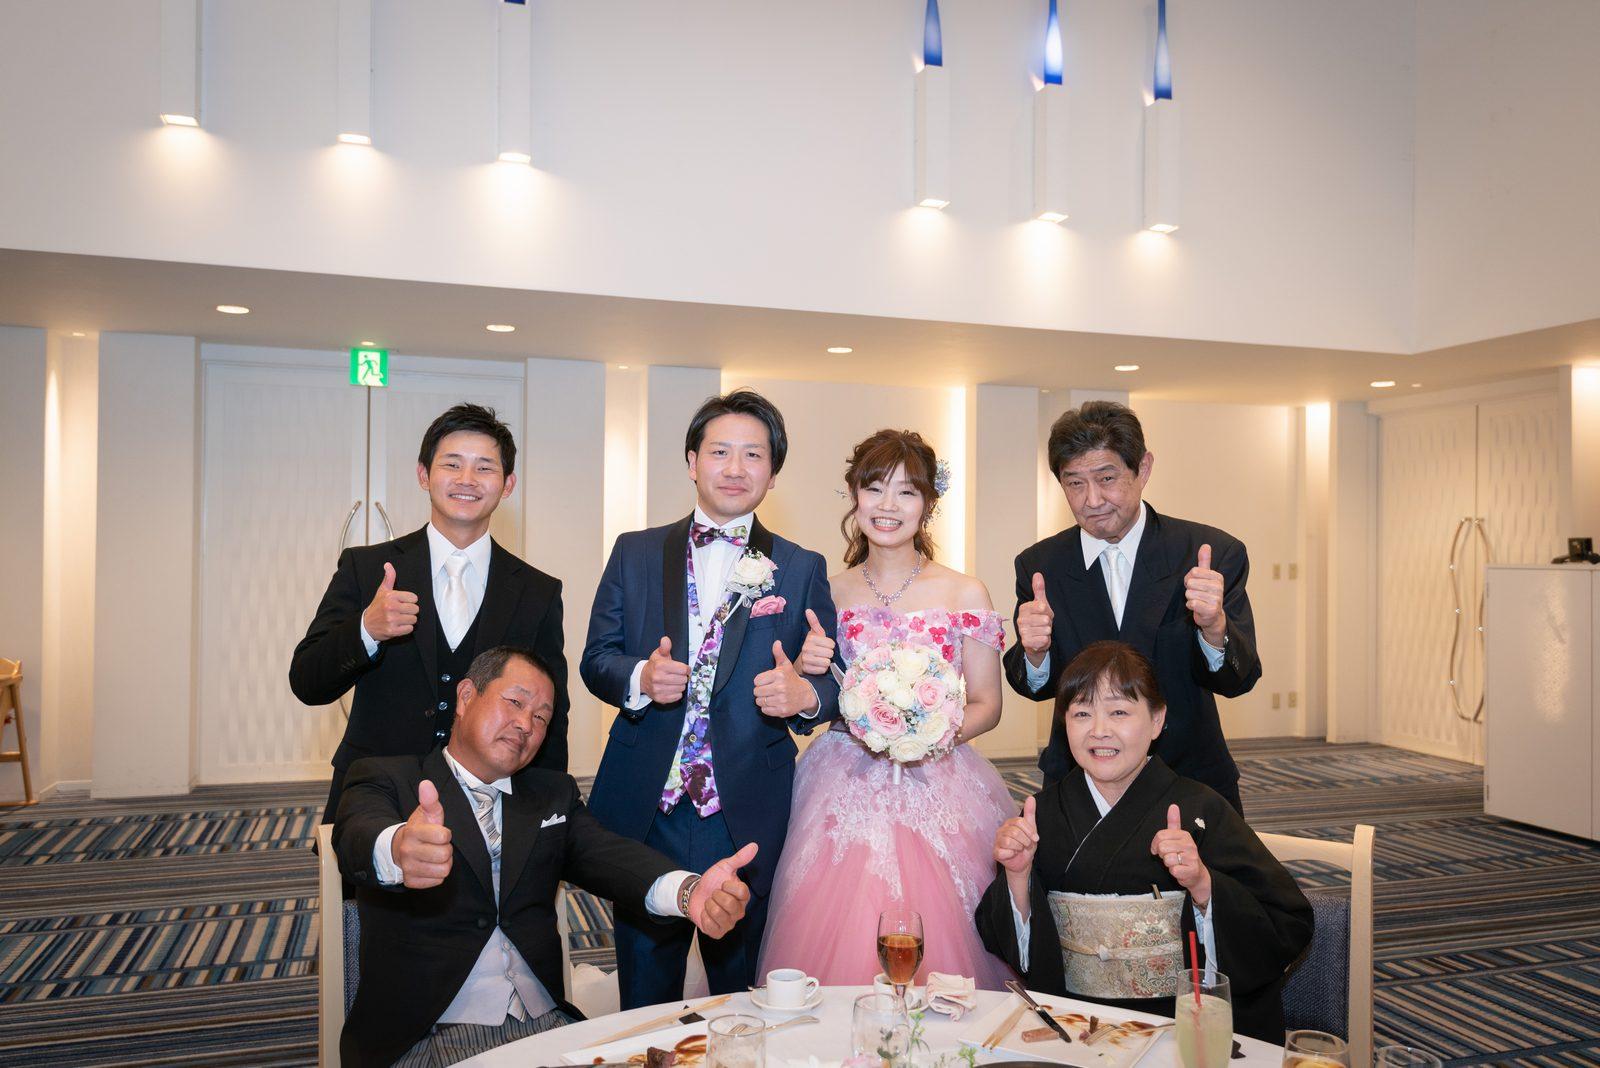 香川県の結婚式場のシェルエメール&アイスタイルのテーブルラウンド